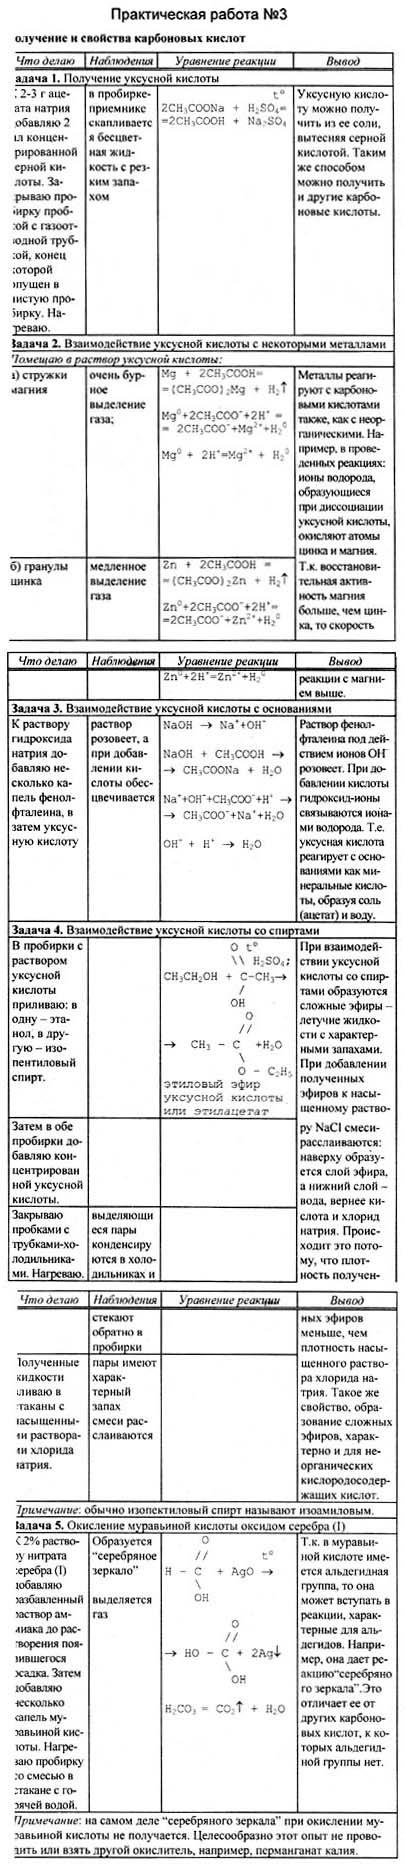 Гдз по химии практическая работа номер 4